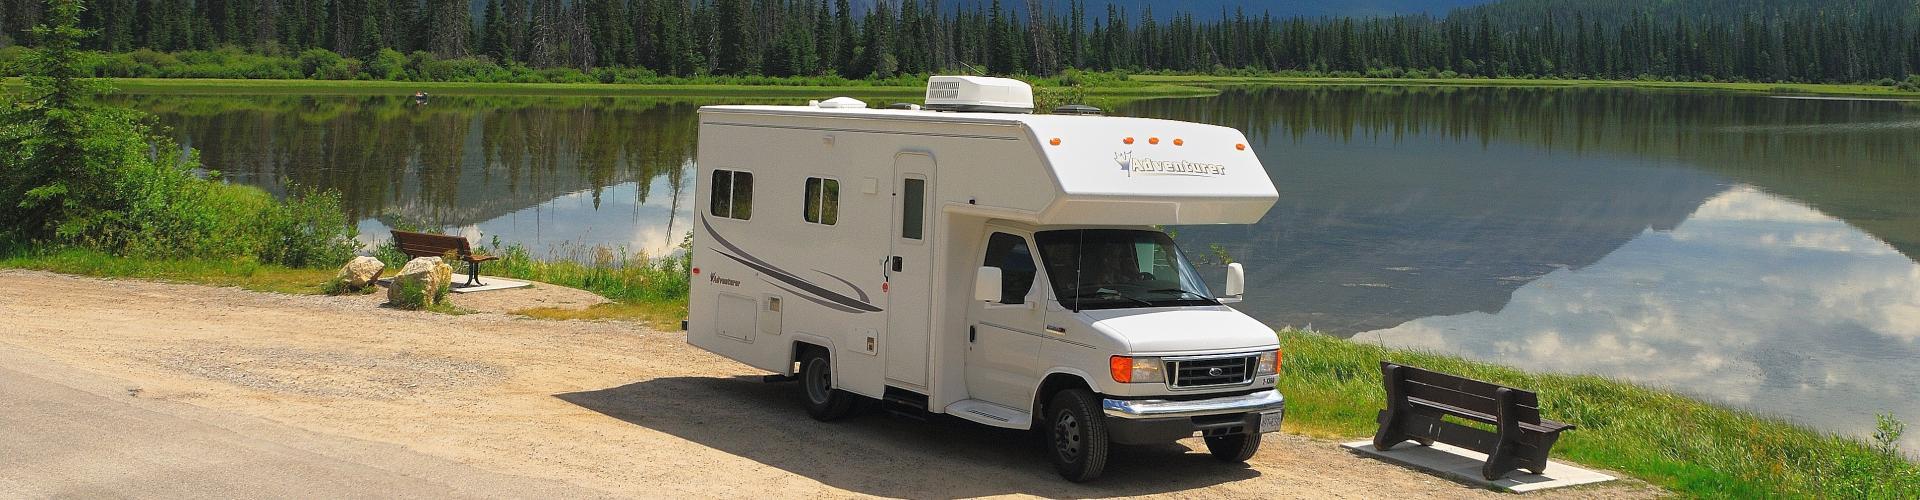 wohnmobil mieten camper mieten wohnmobile wohnmobilreisen usa. Black Bedroom Furniture Sets. Home Design Ideas